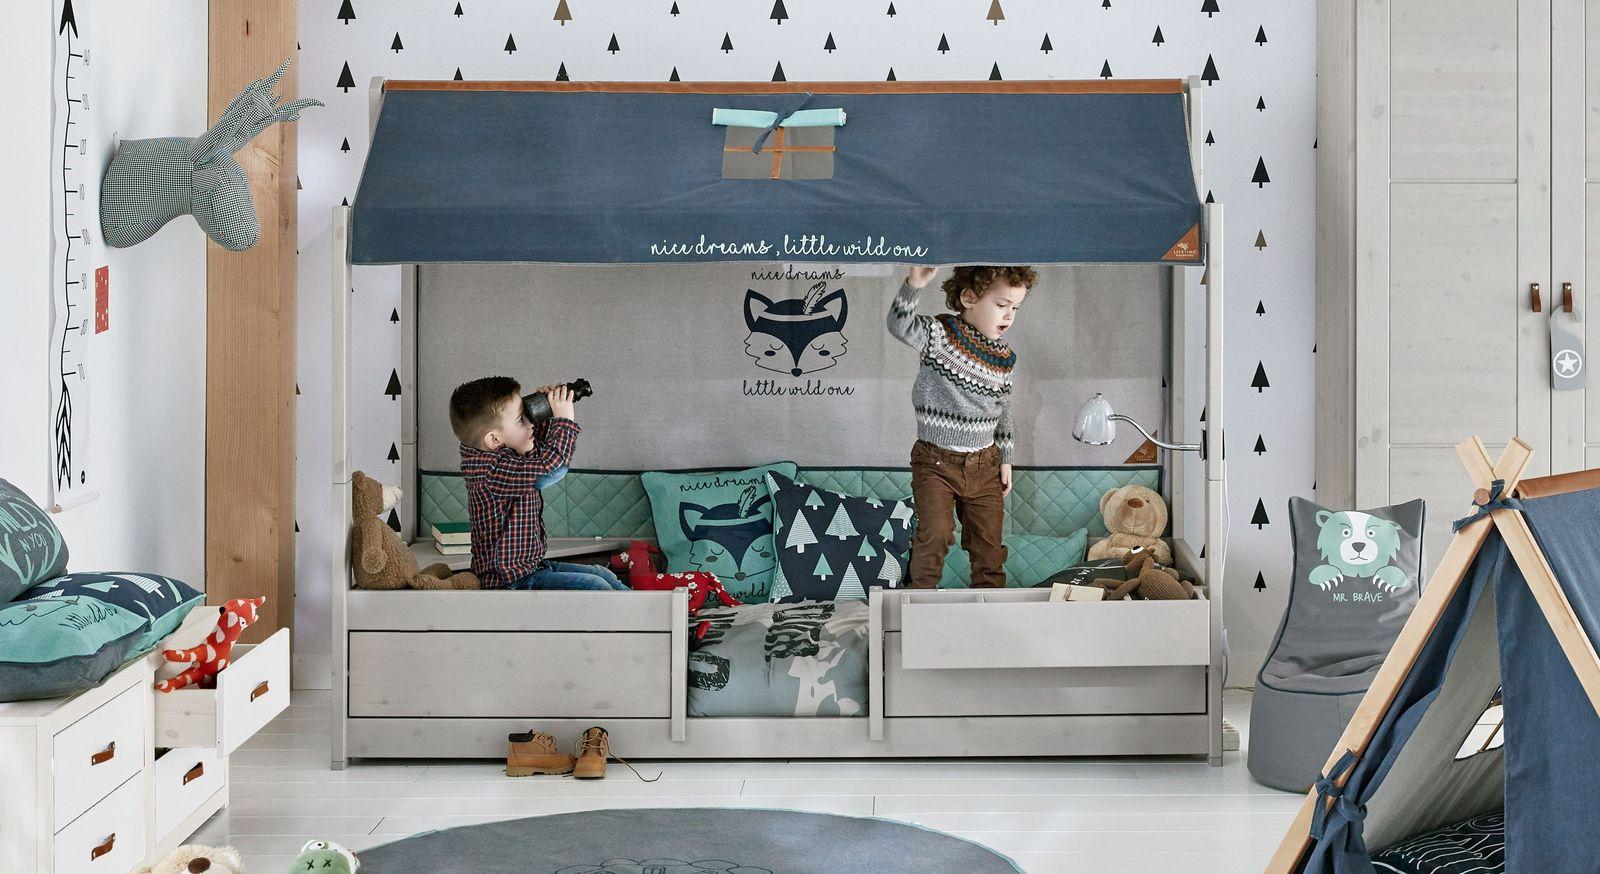 LIFETIME Kinderbett 4-in-1 Forest Ranger aus Kiefer mit Rückwand und Dach